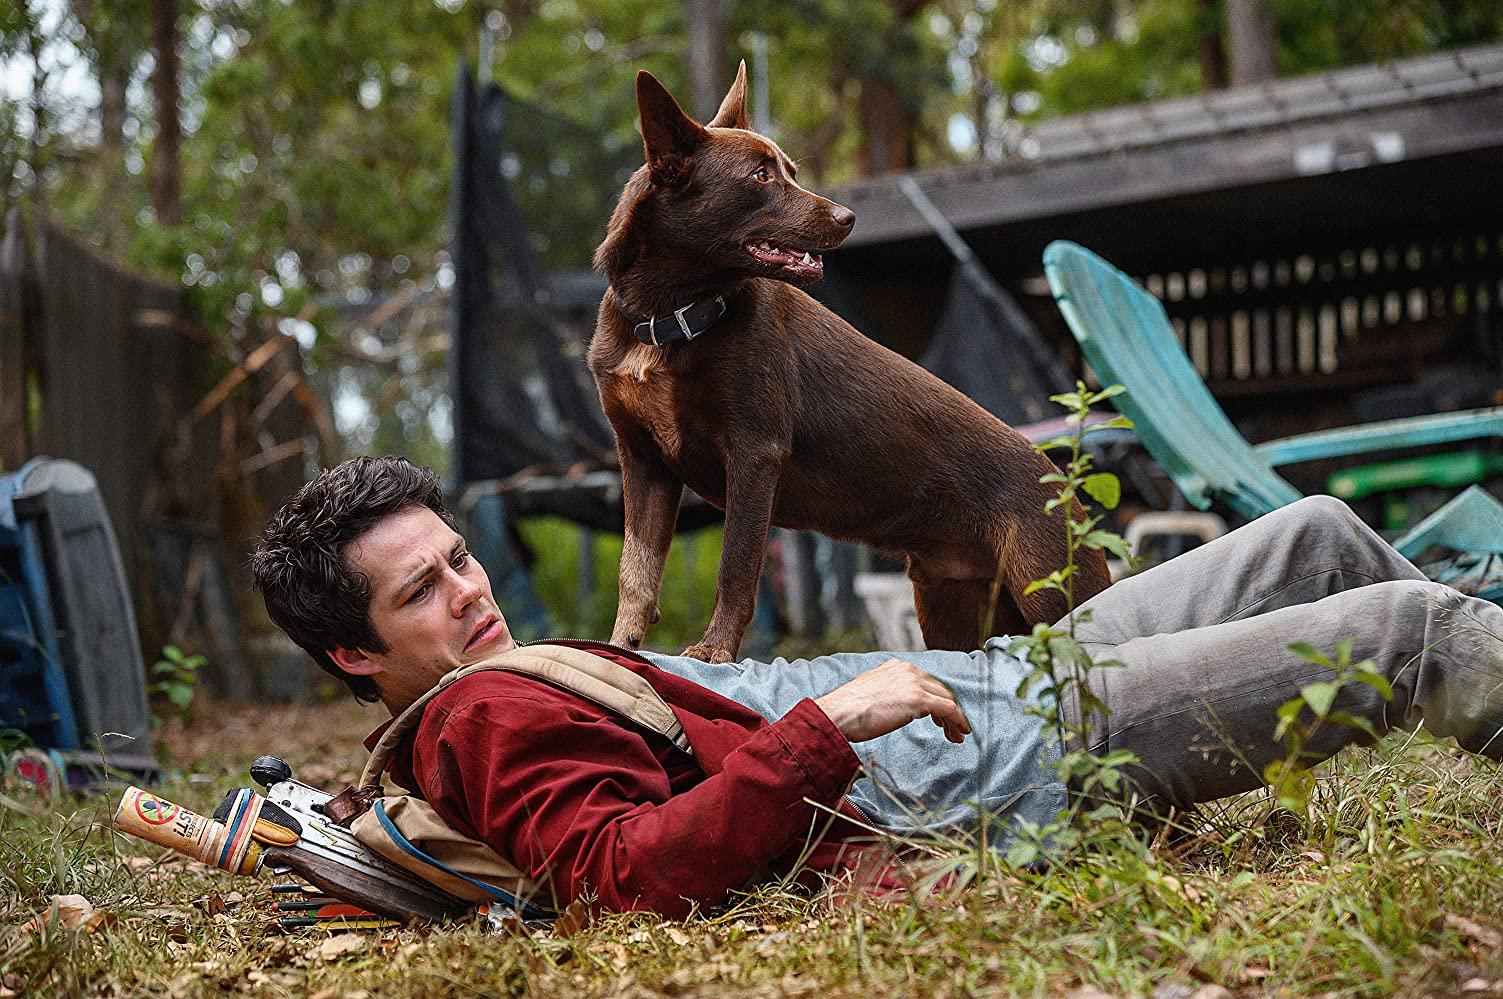 Cena do filme Love & Monsters. O ator Dylan O'brien, homem branco de cabelo escuro curto, está deitado na grama, olhando para o lado direito da imagem com uma feição assustada. Ele veste blusa azul, jaqueta vermelha, calça jeans e uma bolsa bege. Em cima dele está um cachorro preto de porte médio, também olhando para a direita. No fundo é possível ver construções de madeira abandonadas e árvores.